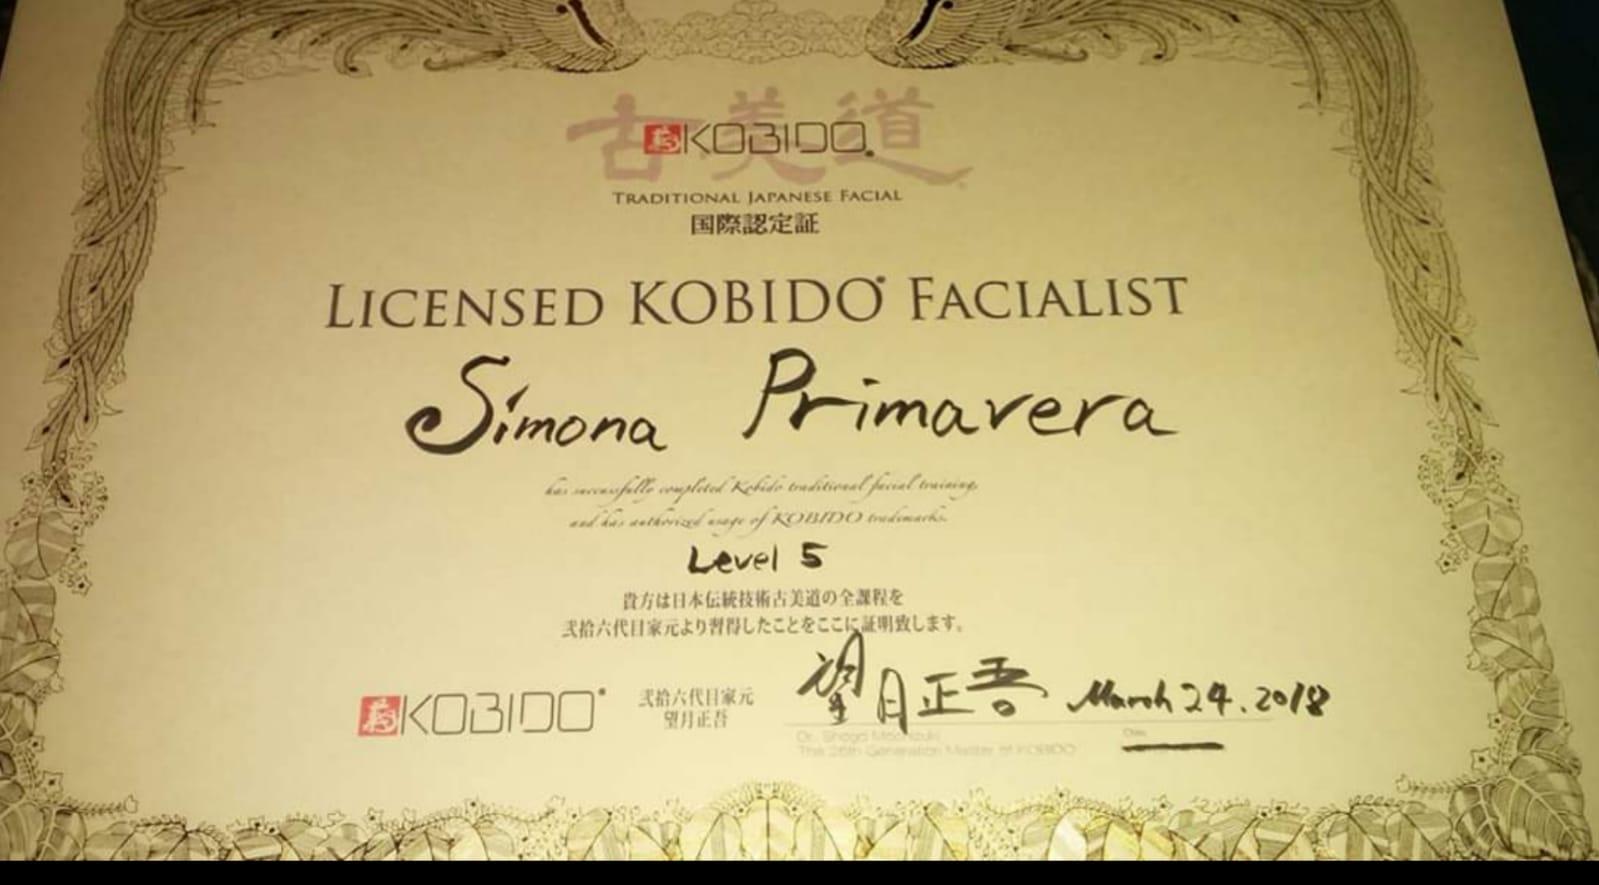 certificato V livello Kobido